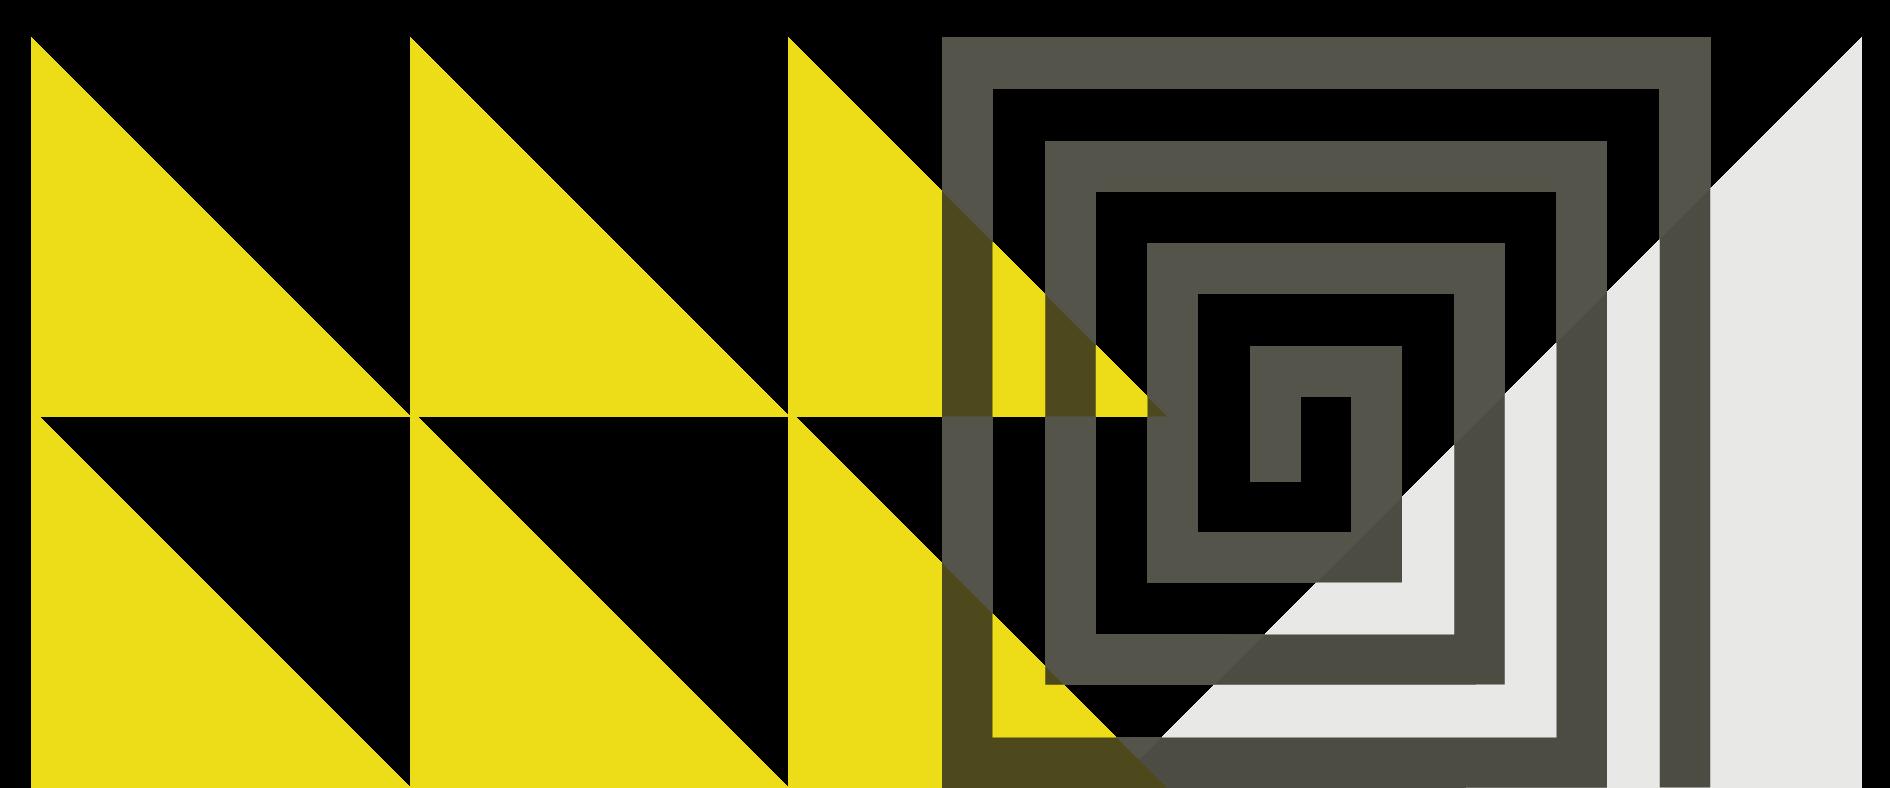 Engler_Pattern7_RGB.png